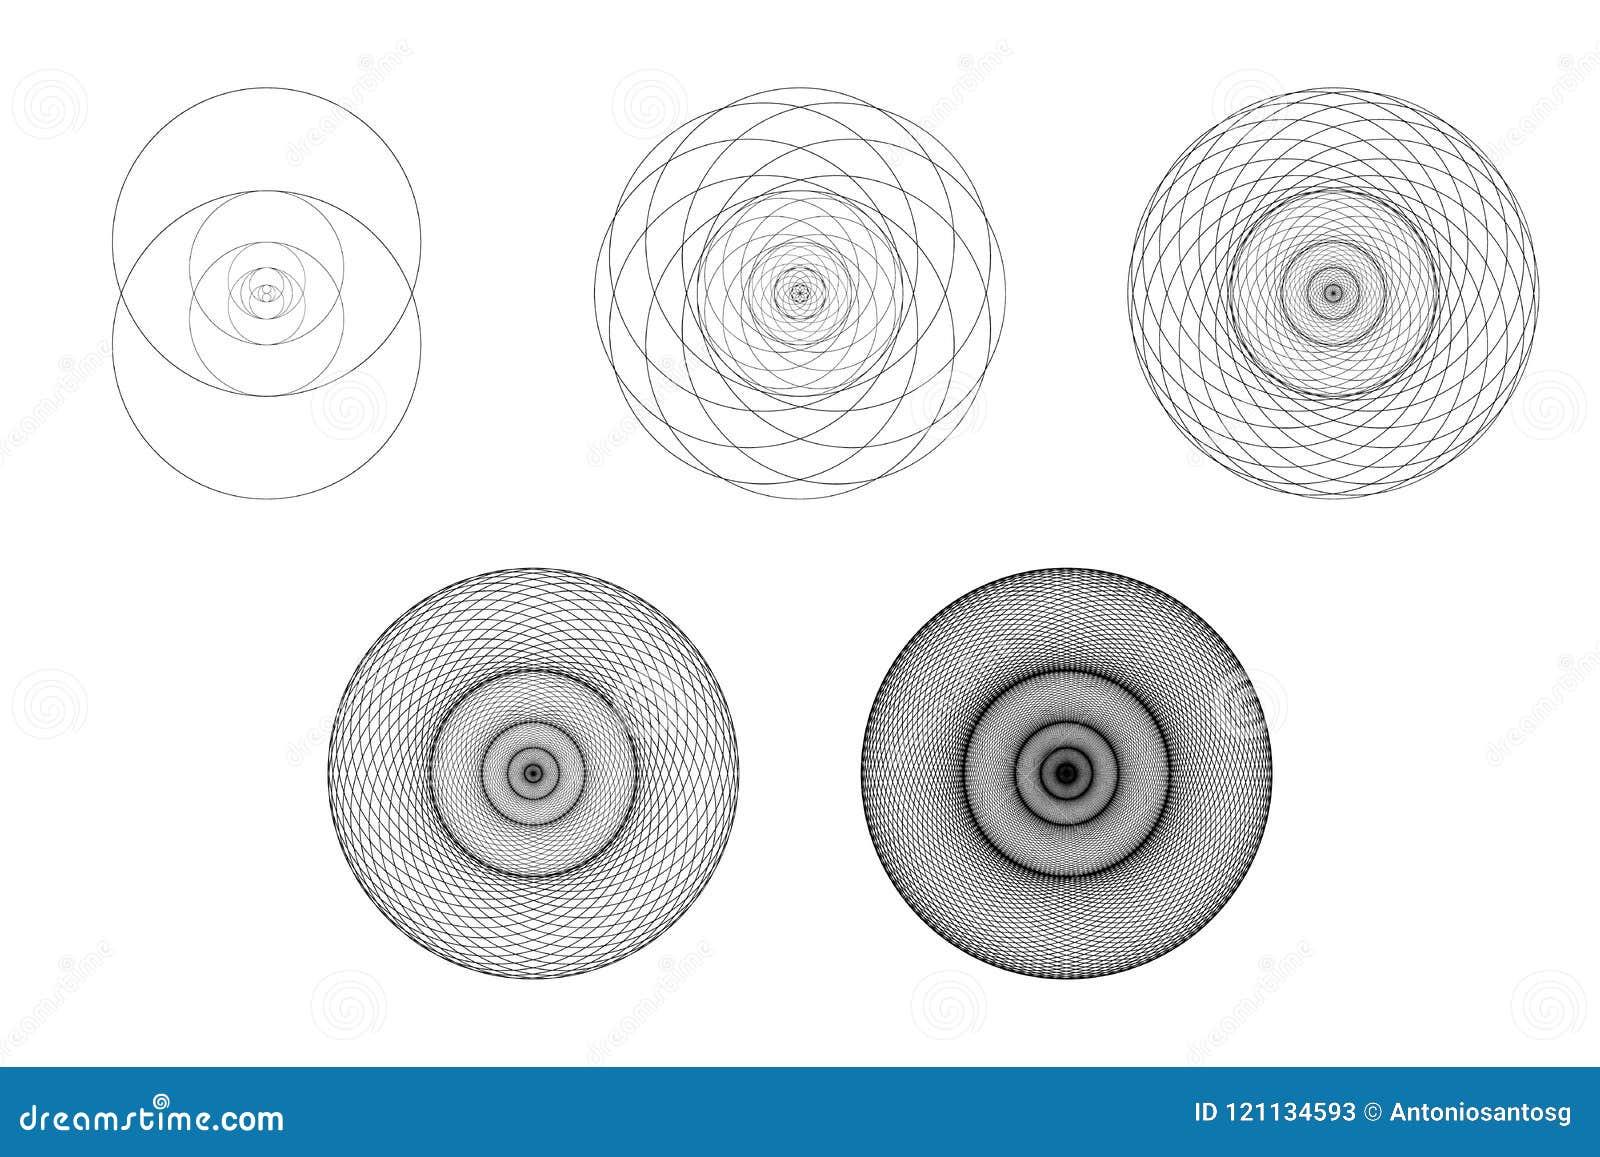 套几何元素和形状 神圣的几何阳茎端膜Piscis发展和演变